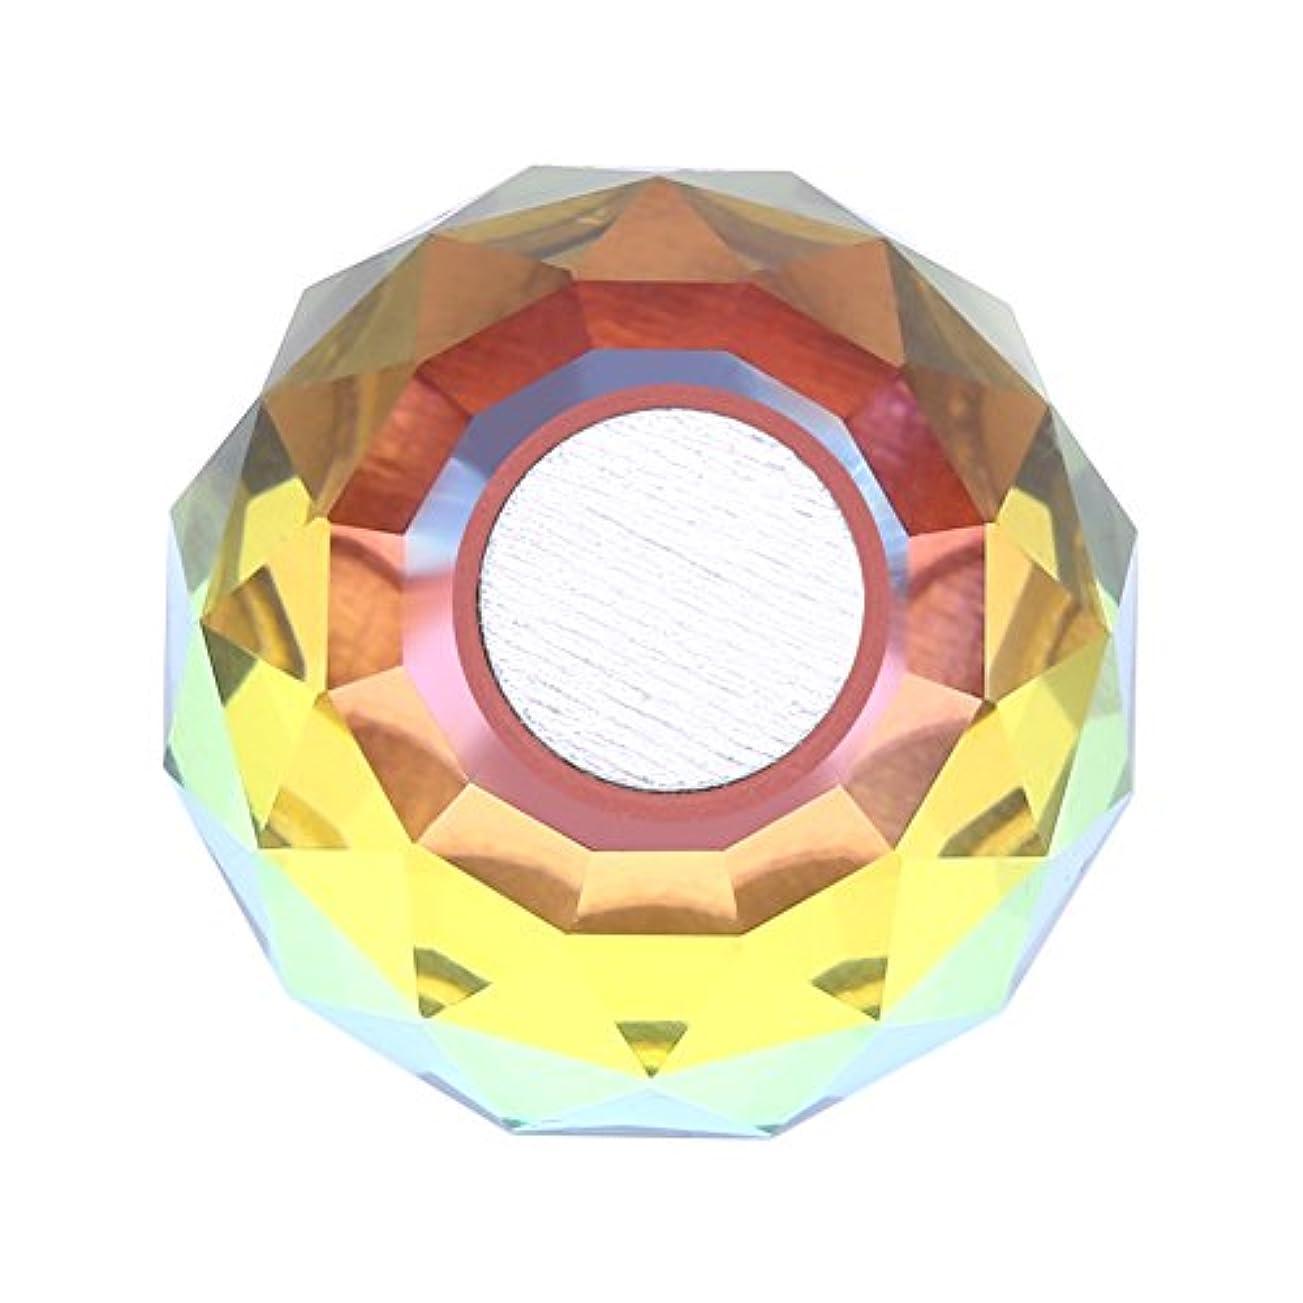 取り囲む窓同情磁気ネイルチップスタンドホルダー サロンDIYと実践マニキュアのための合金ネイルアートディスプレイチップホルダー(1)